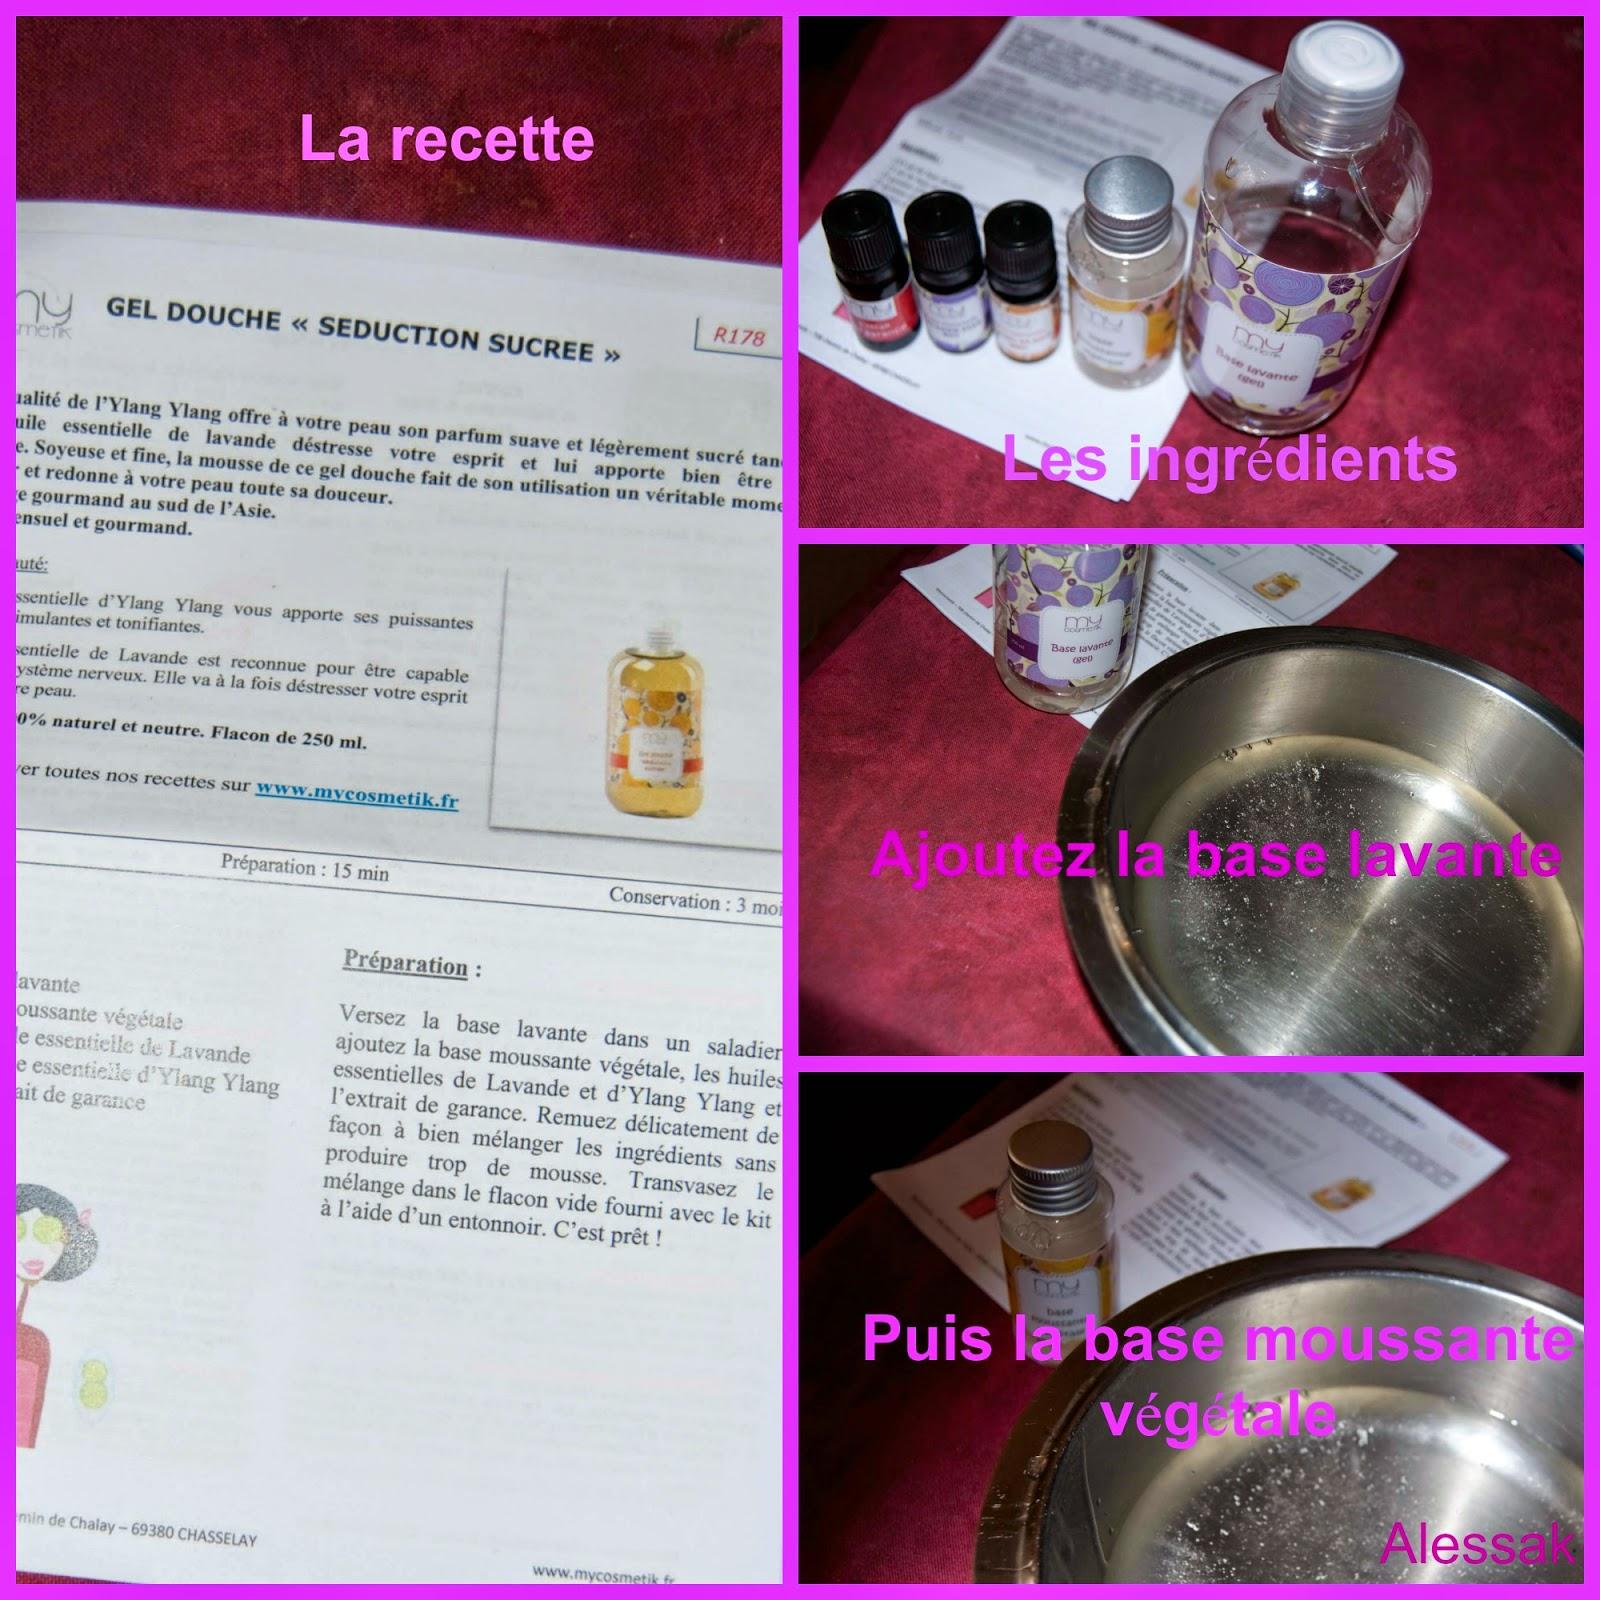 base lavante, huile essentielle